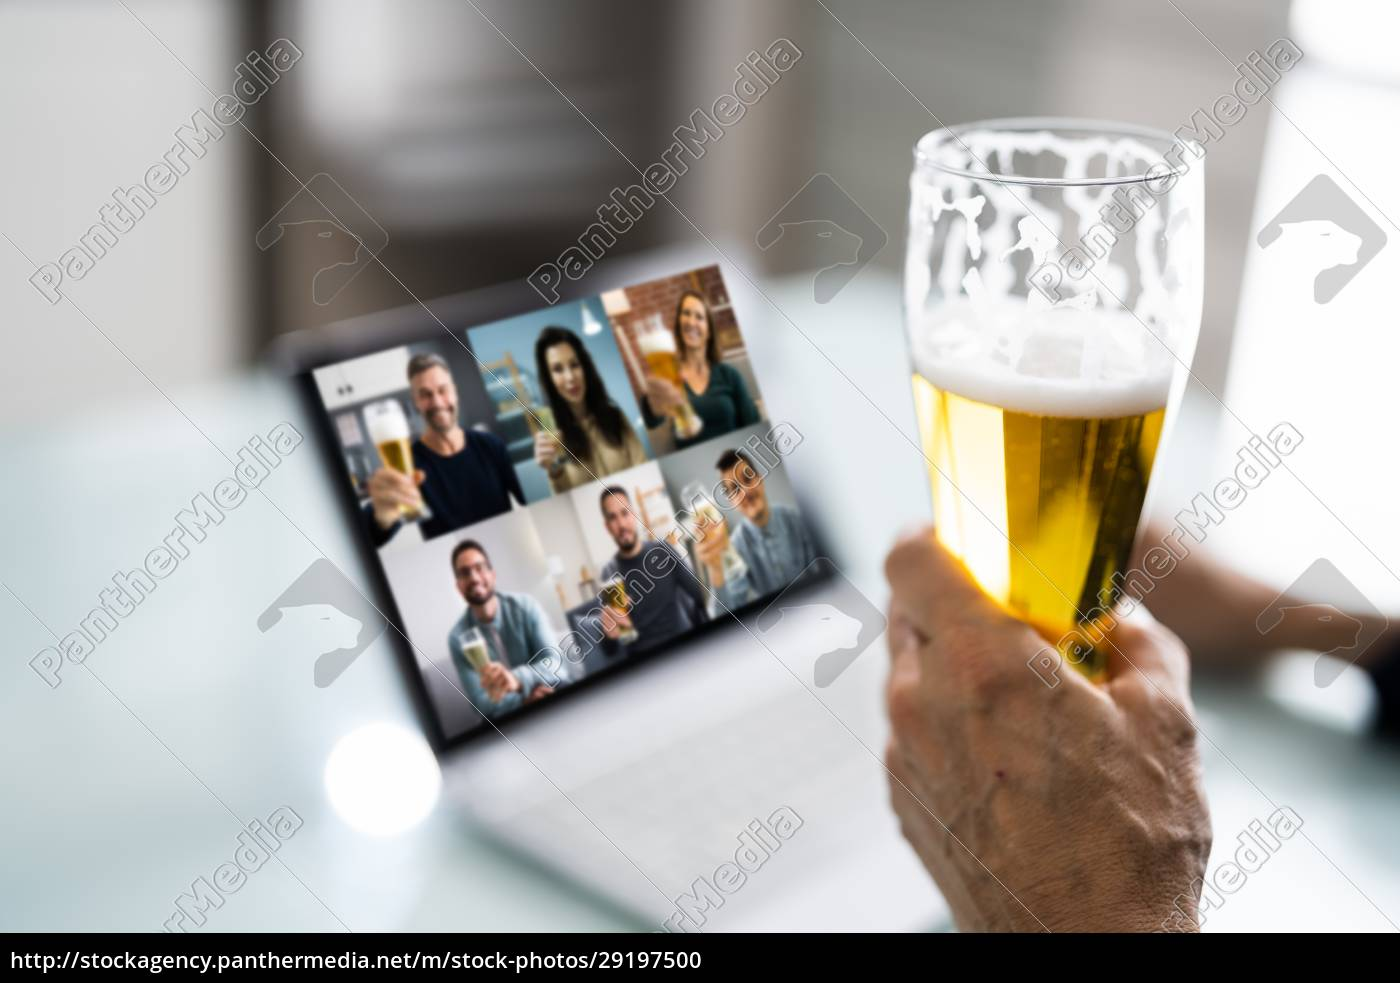 virtual, beer, drink, online, party - 29197500